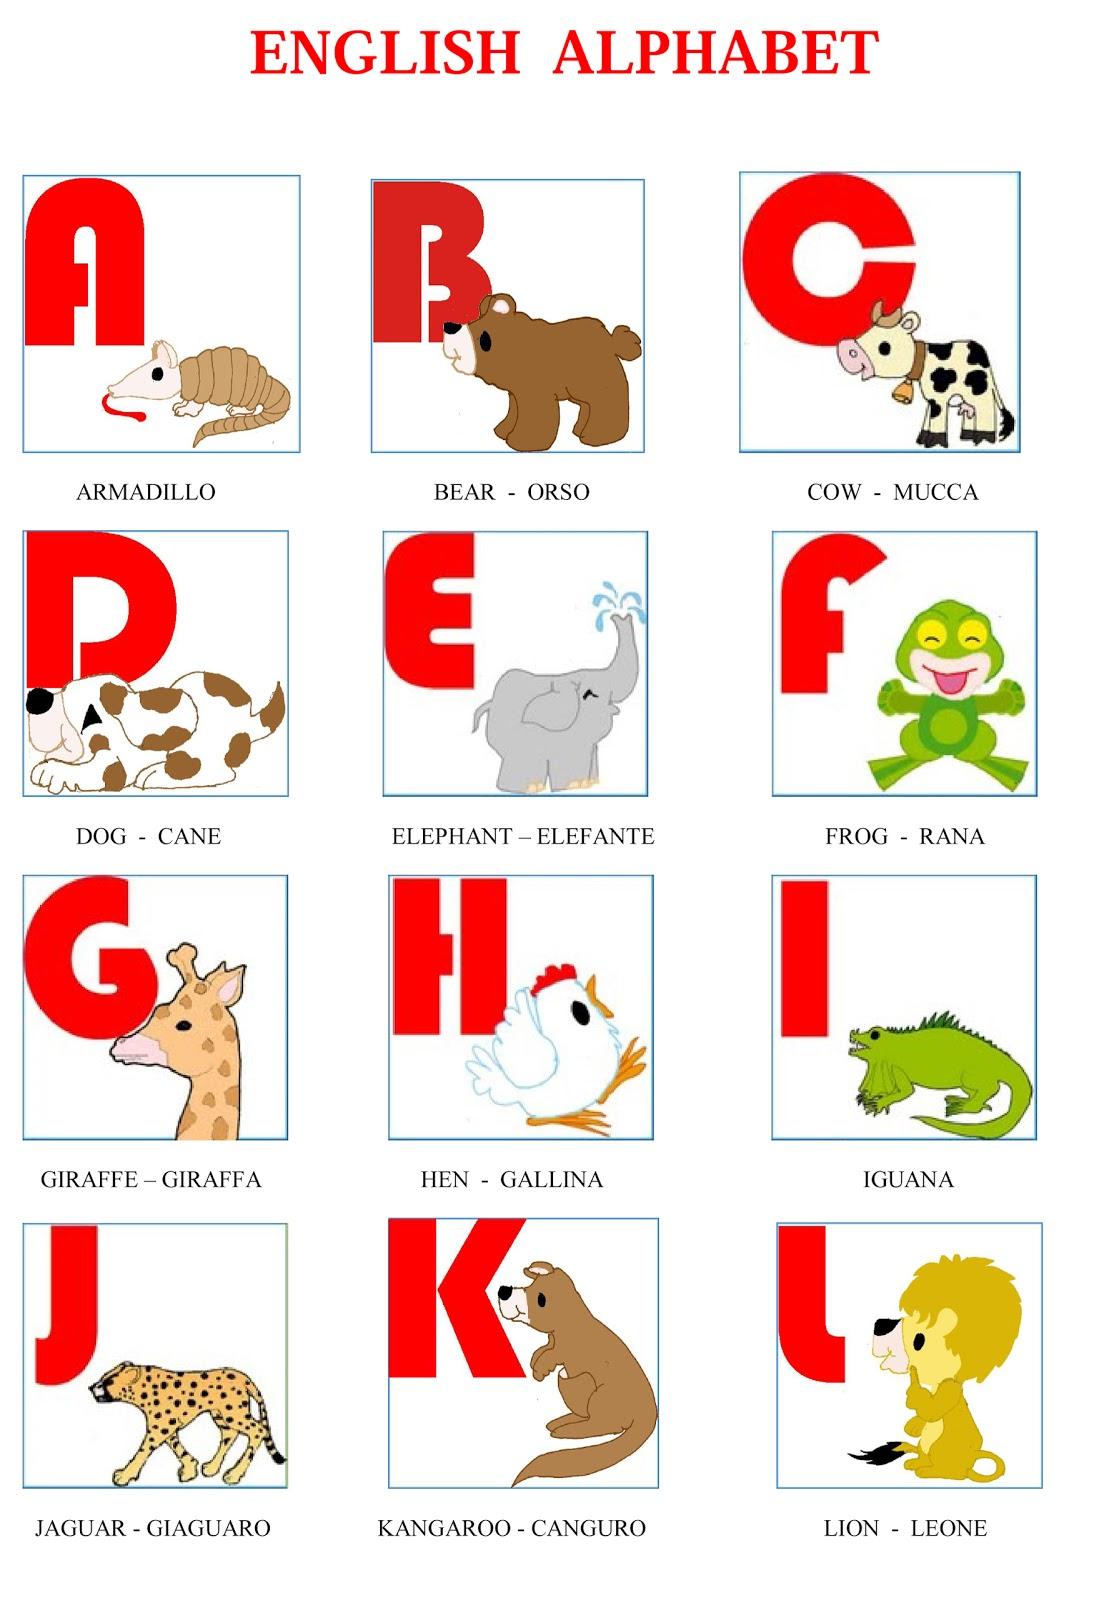 Arbeitsblätter Englisch Alphabet : Arbeitsblatt vorschule abc in englisch kostenlose